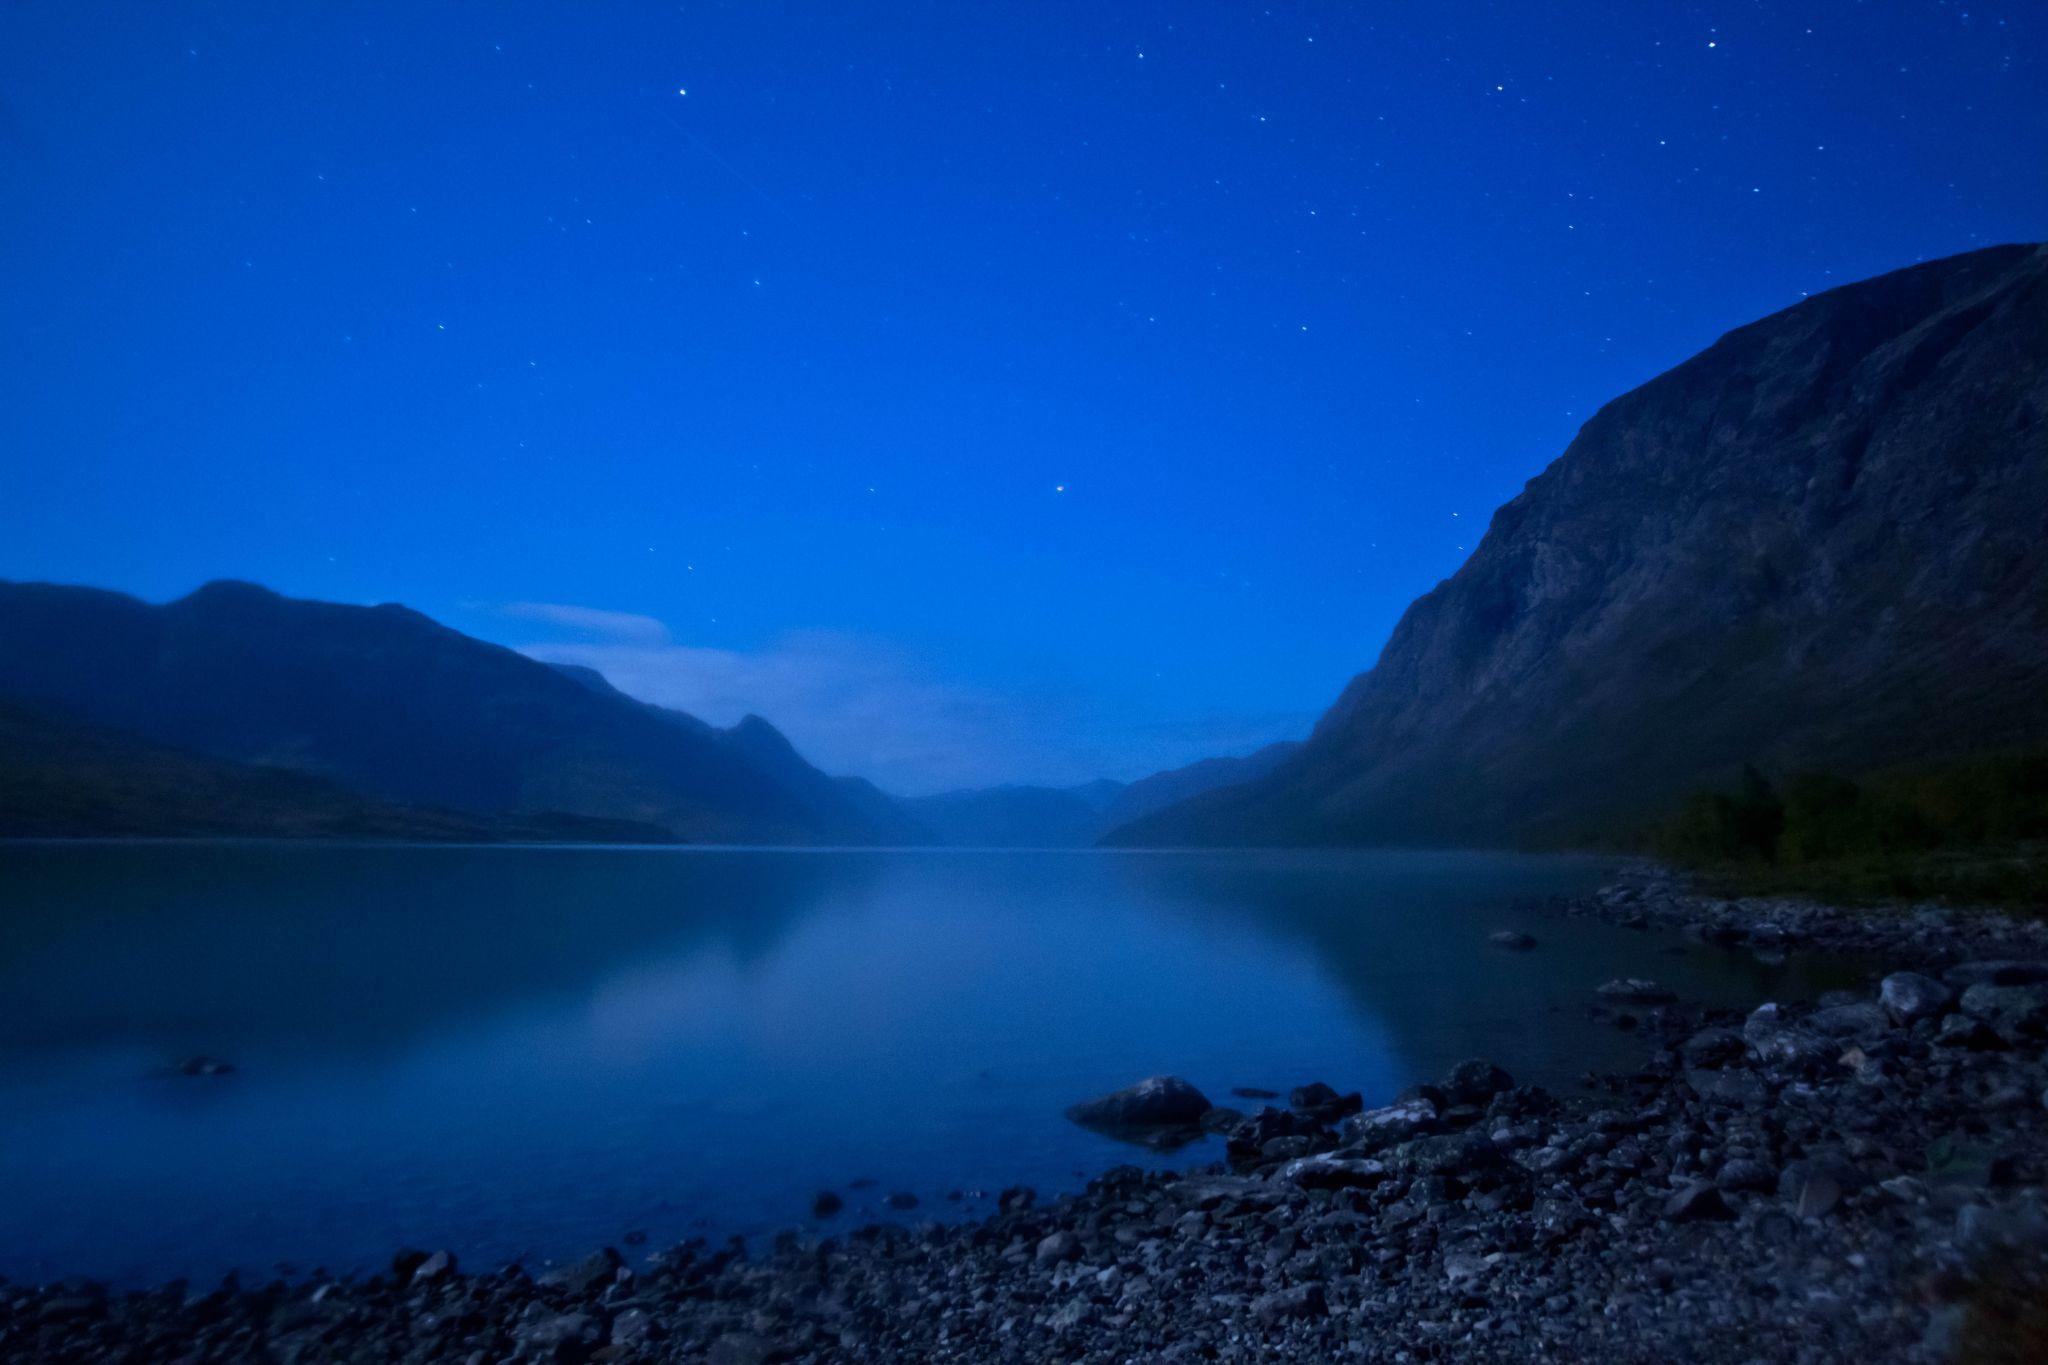 Starlight by Benjamin Zocholl